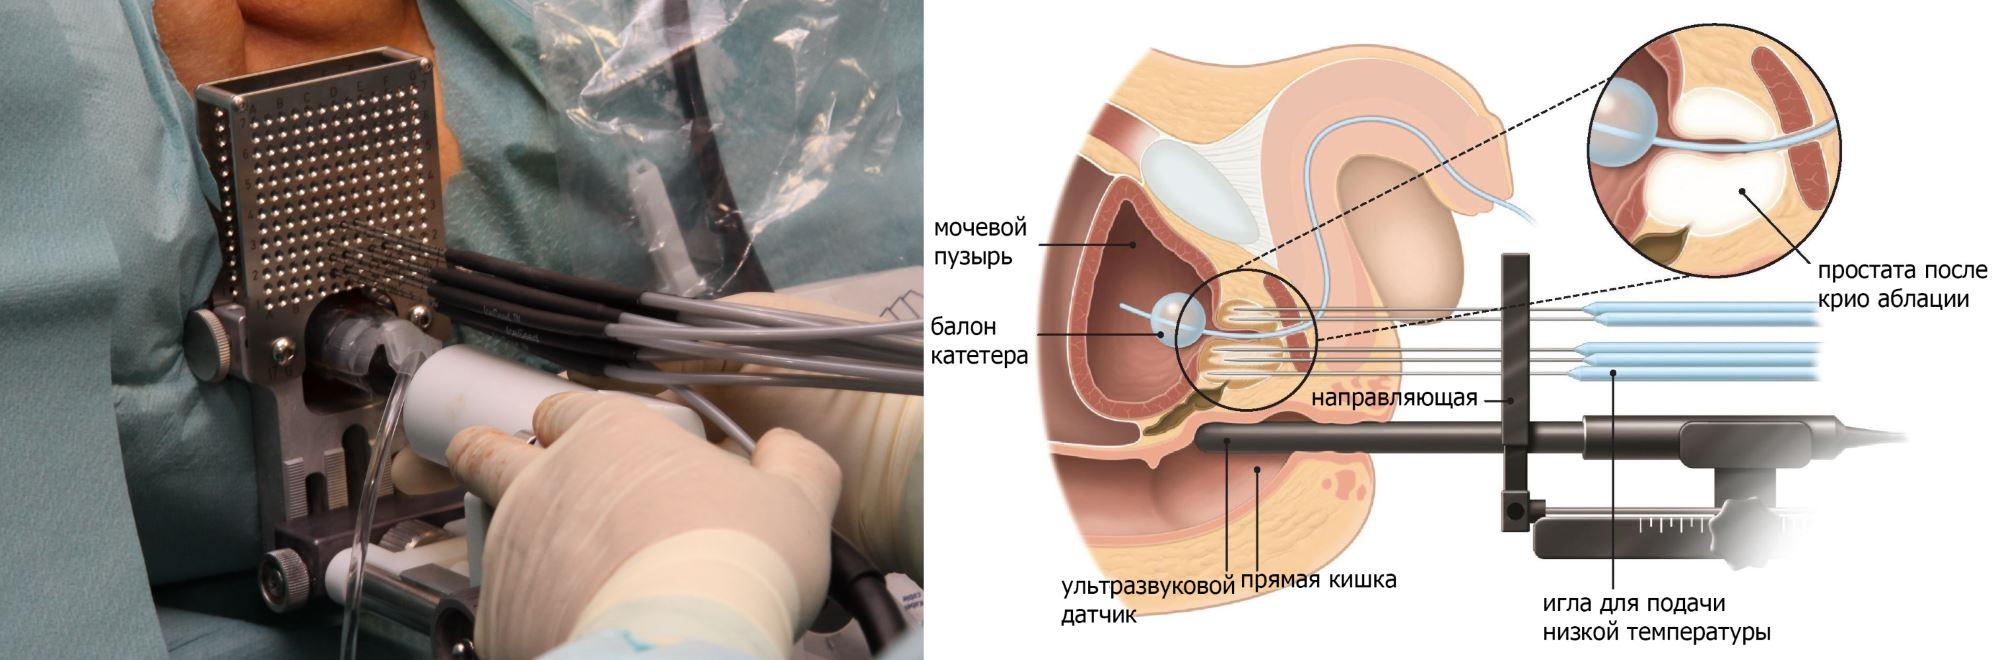 Криохирургия при раке простаты